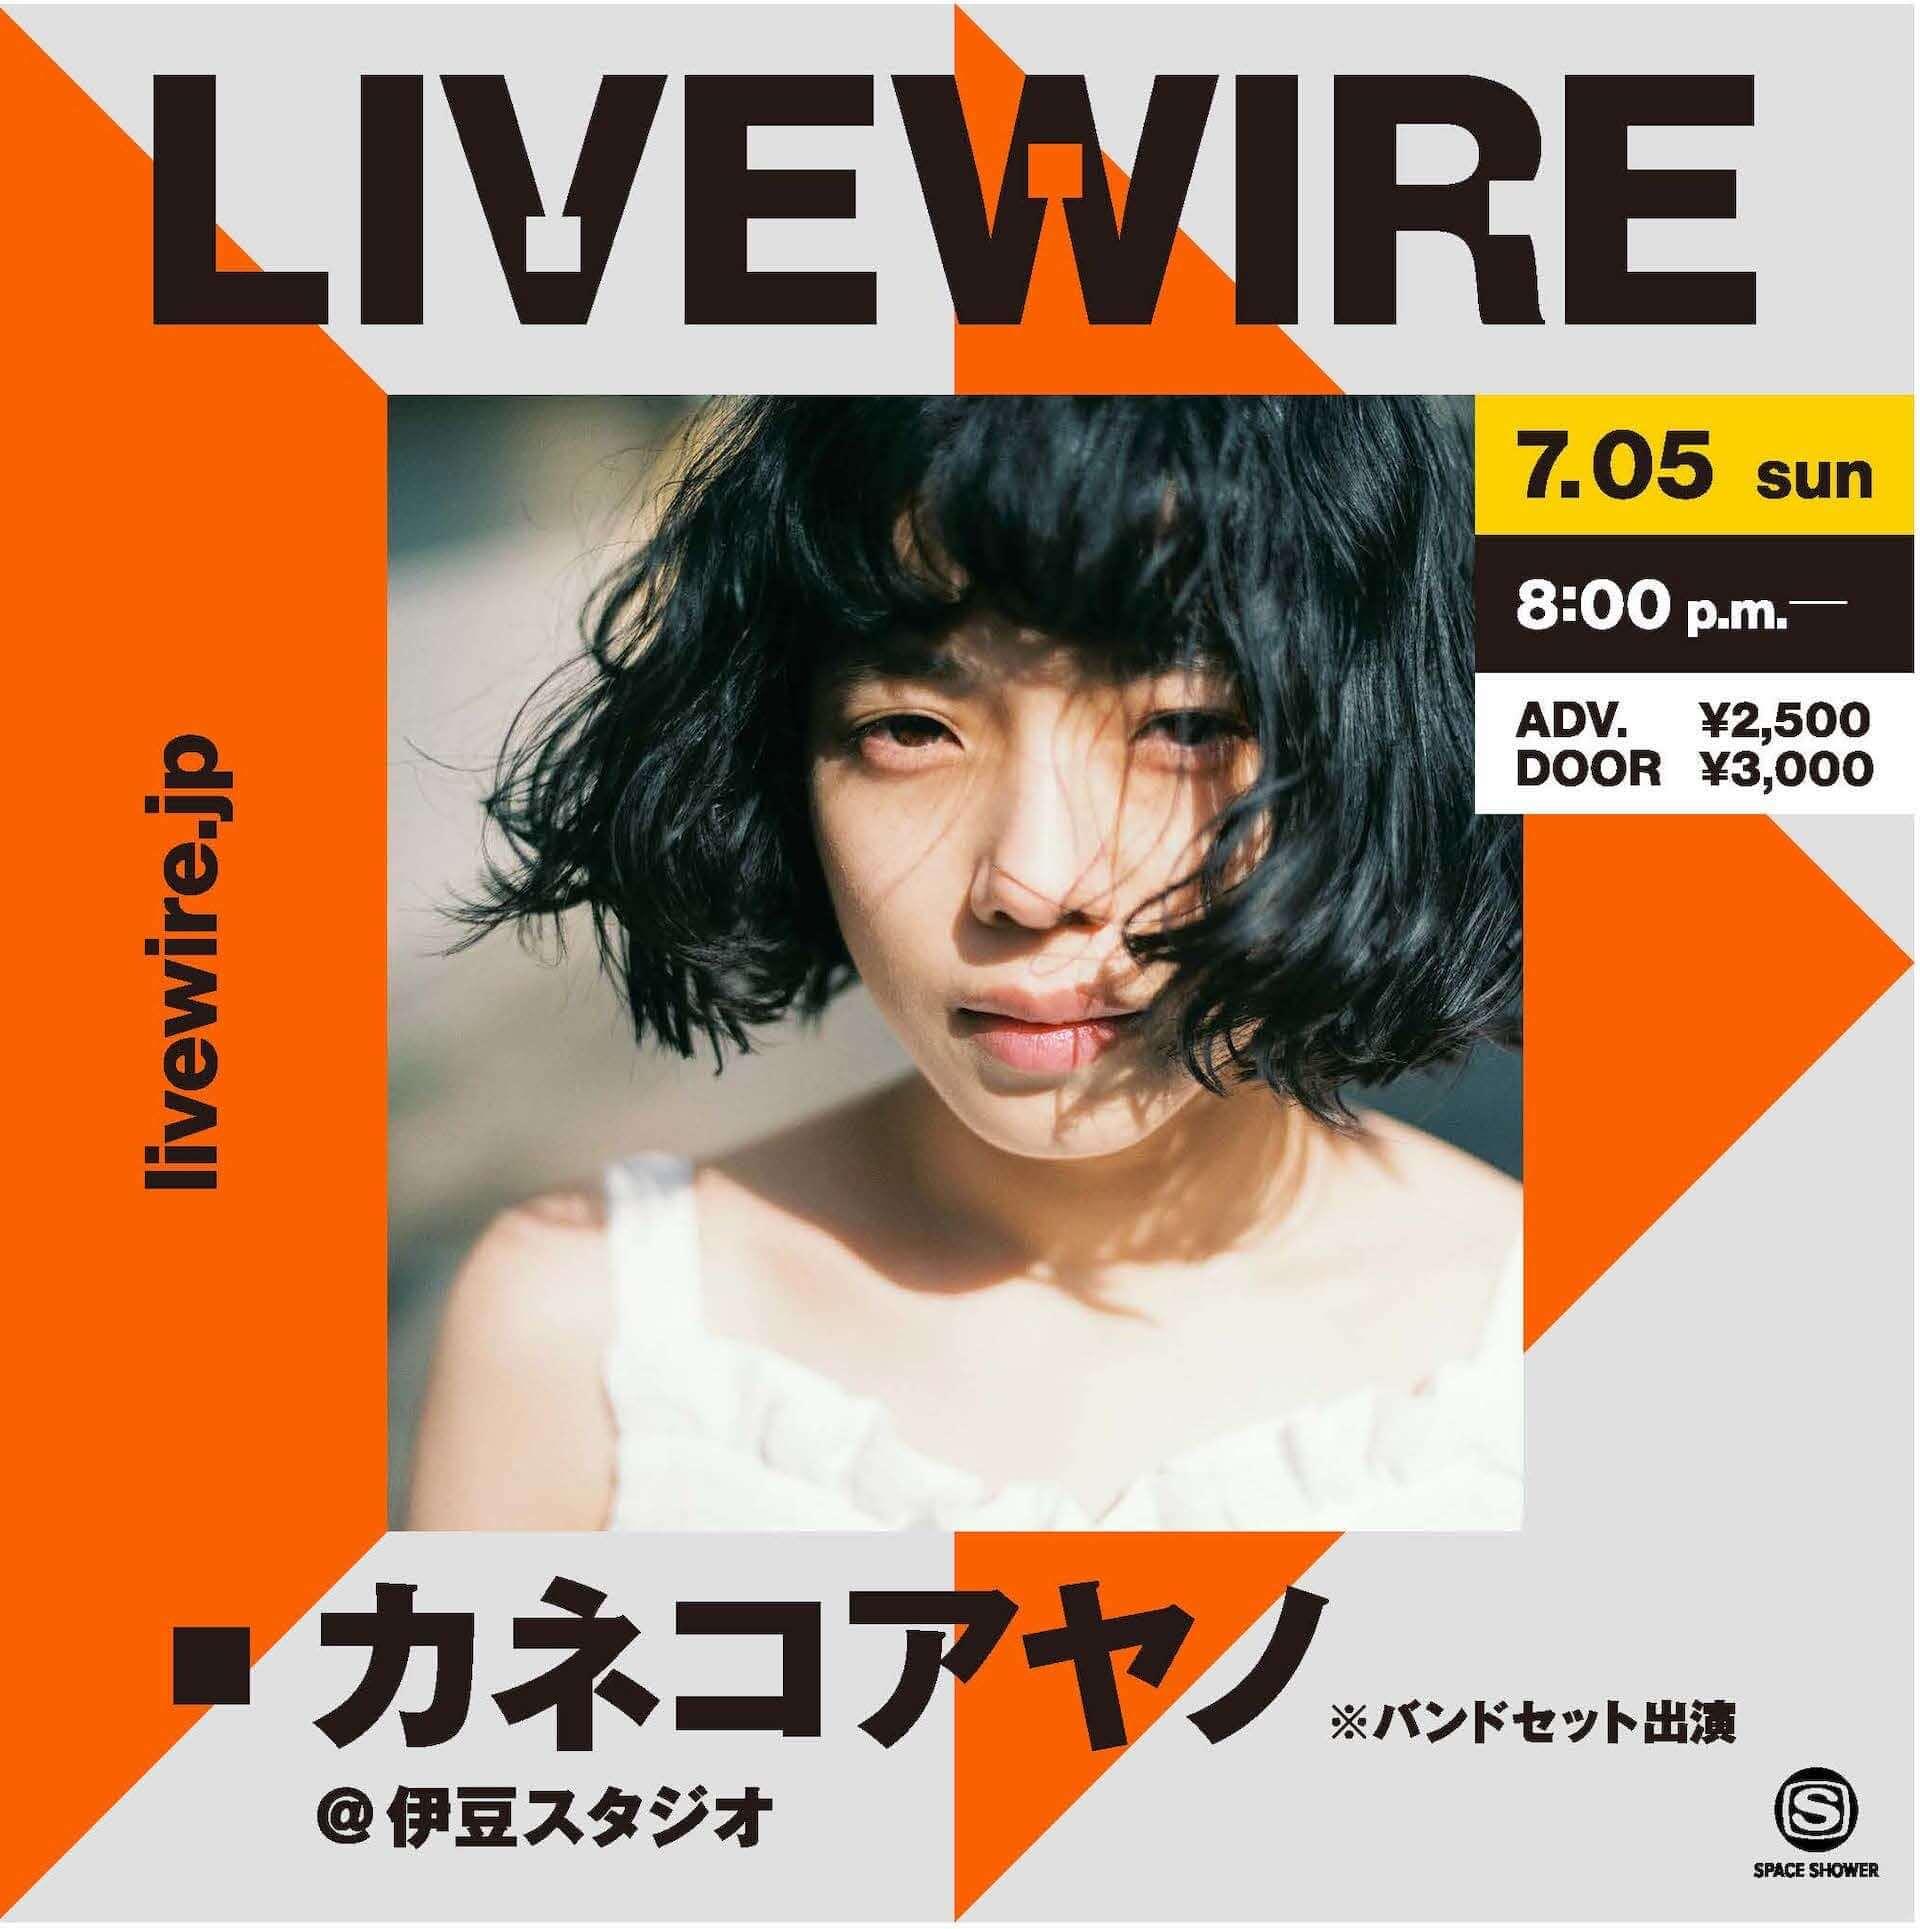 カネコアヤノが伊豆スタジオからバンドセット・ワンマンライブを披露!スペシャのライブ配信「LIVEWIRE」第一回公演詳細が解禁 music200622_livewire_1-1920x1929